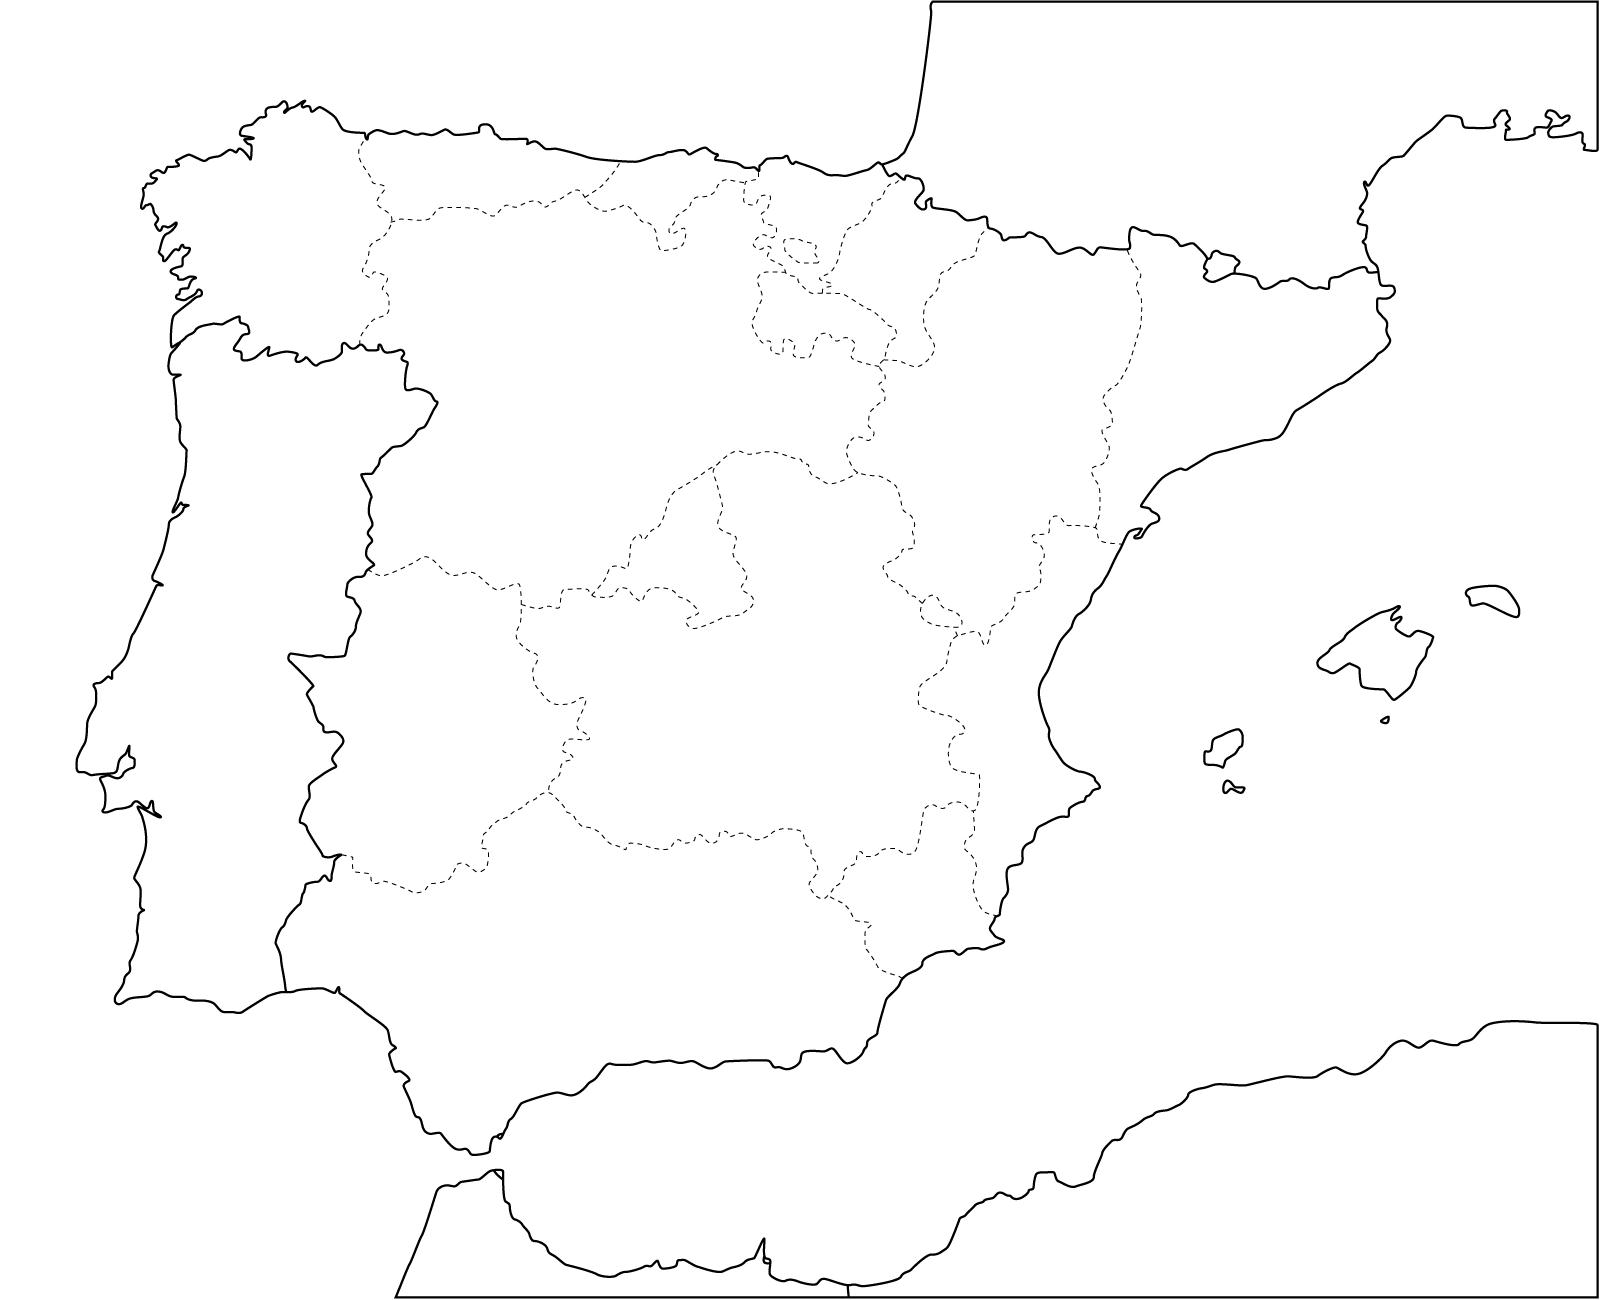 Mapa de comunidades autónomas de España. Freemap